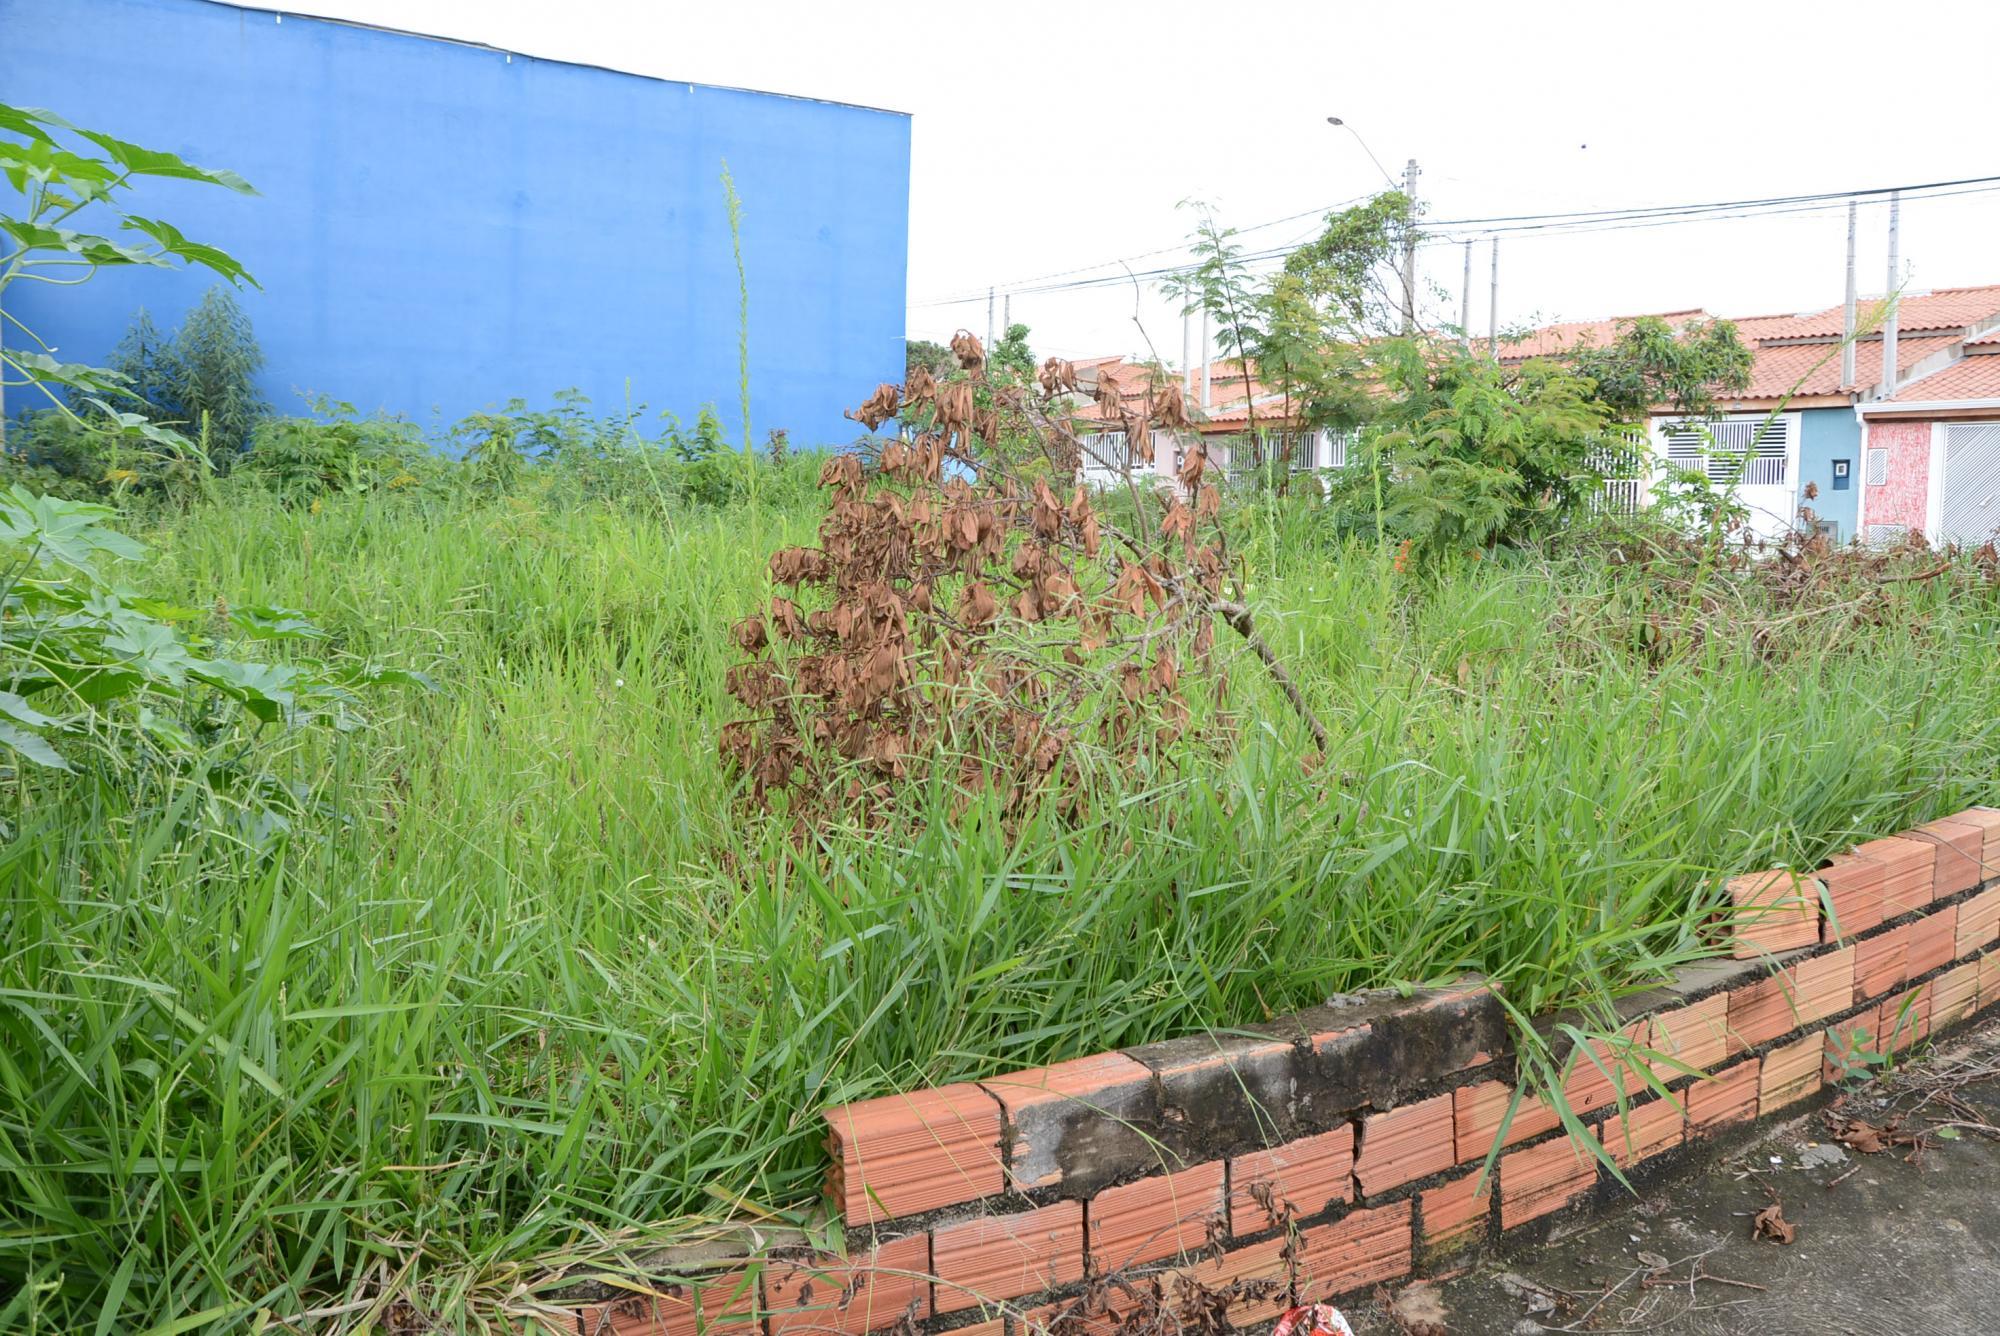 Vereador sugere punições a proprietários de imóveis e terrenos que se encontrem em estado de abandono em Ituporanga